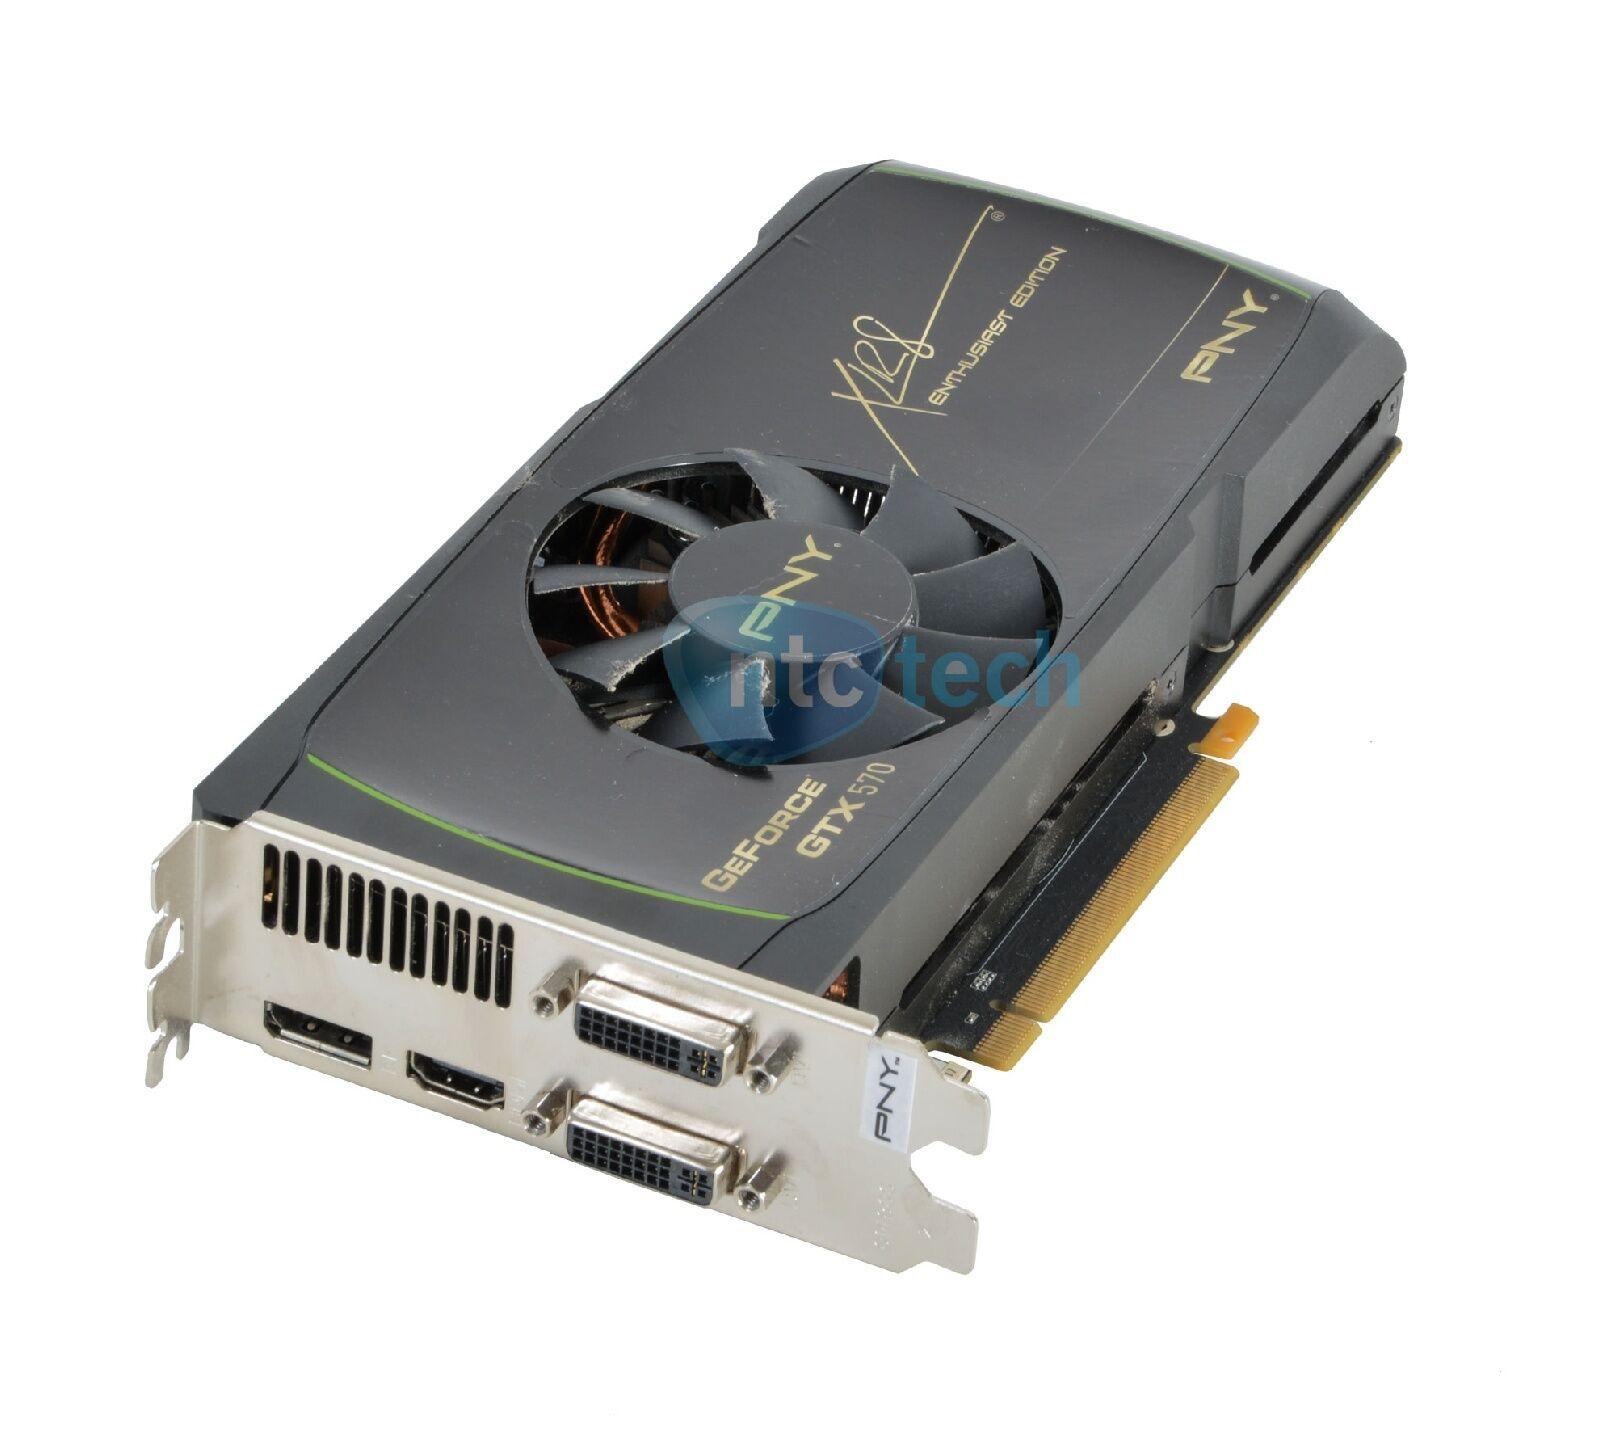 Драйвер для nvidia geforce gtx 570 скачать